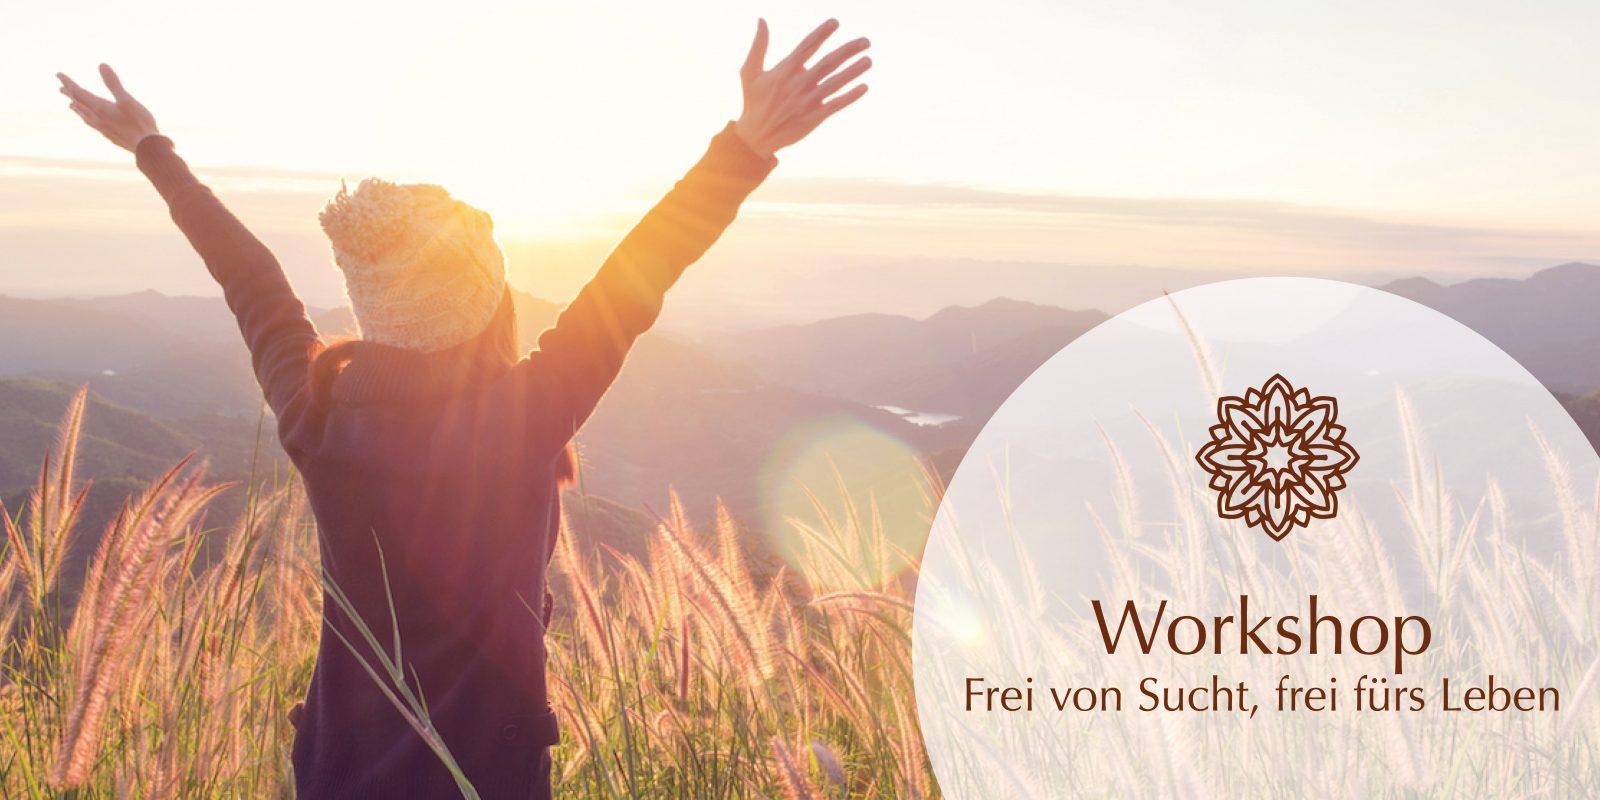 Frei von Sucht - Frei fürs Leben